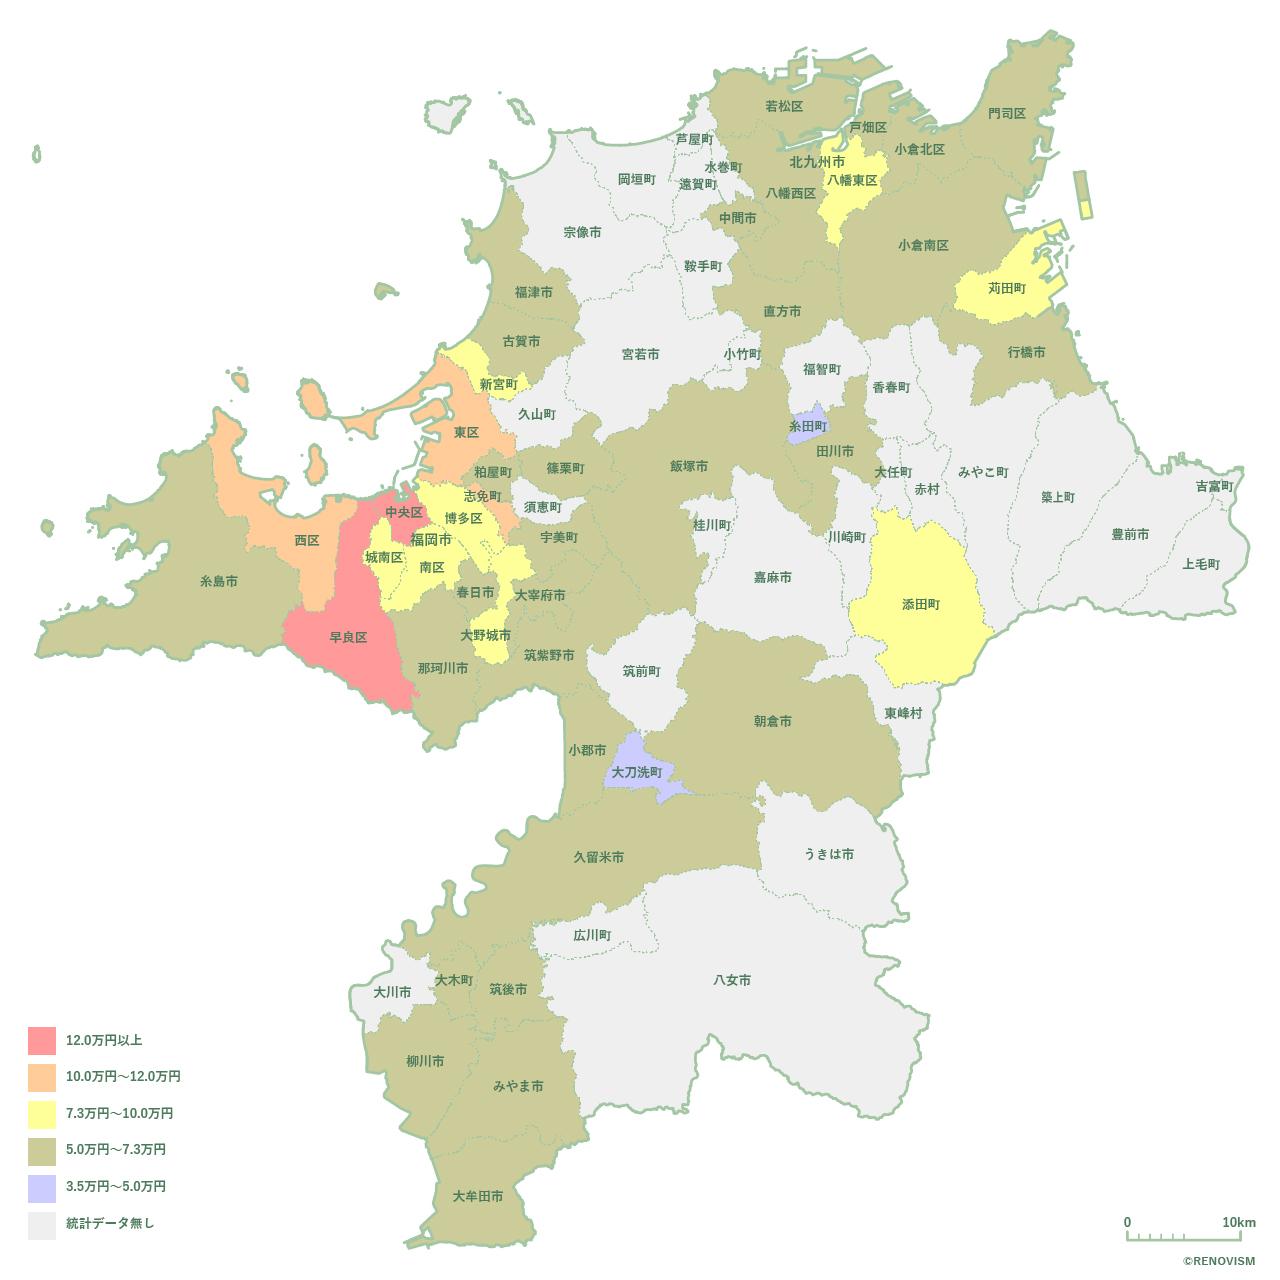 福岡県の3LDK家賃相場マップ2020年